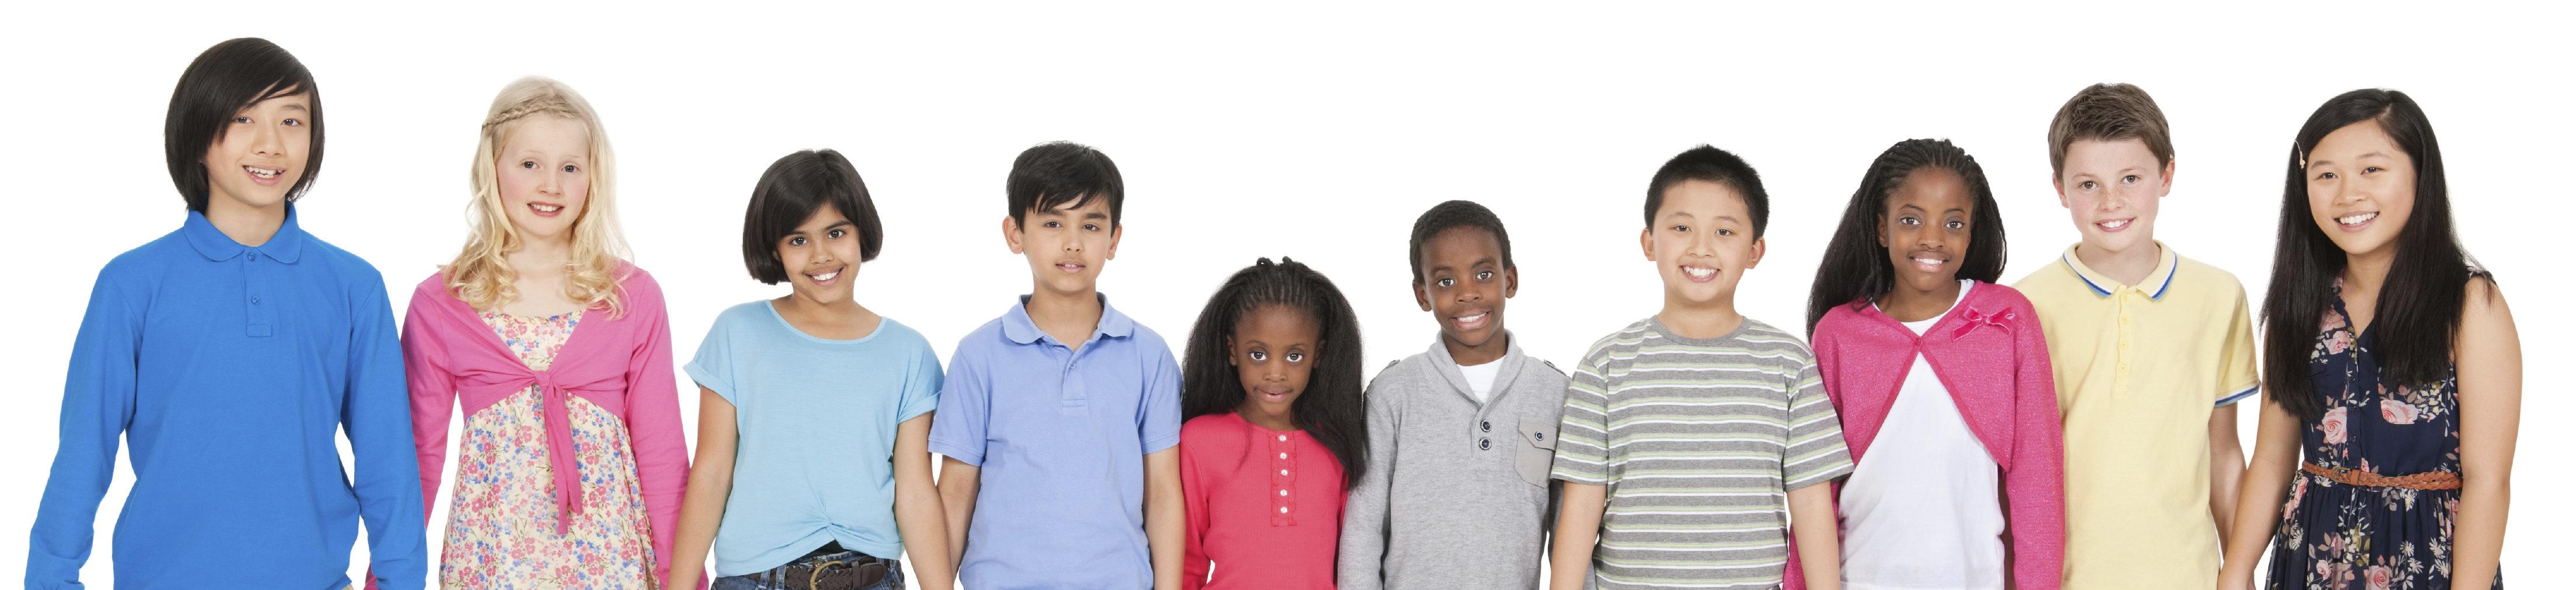 kids-2015